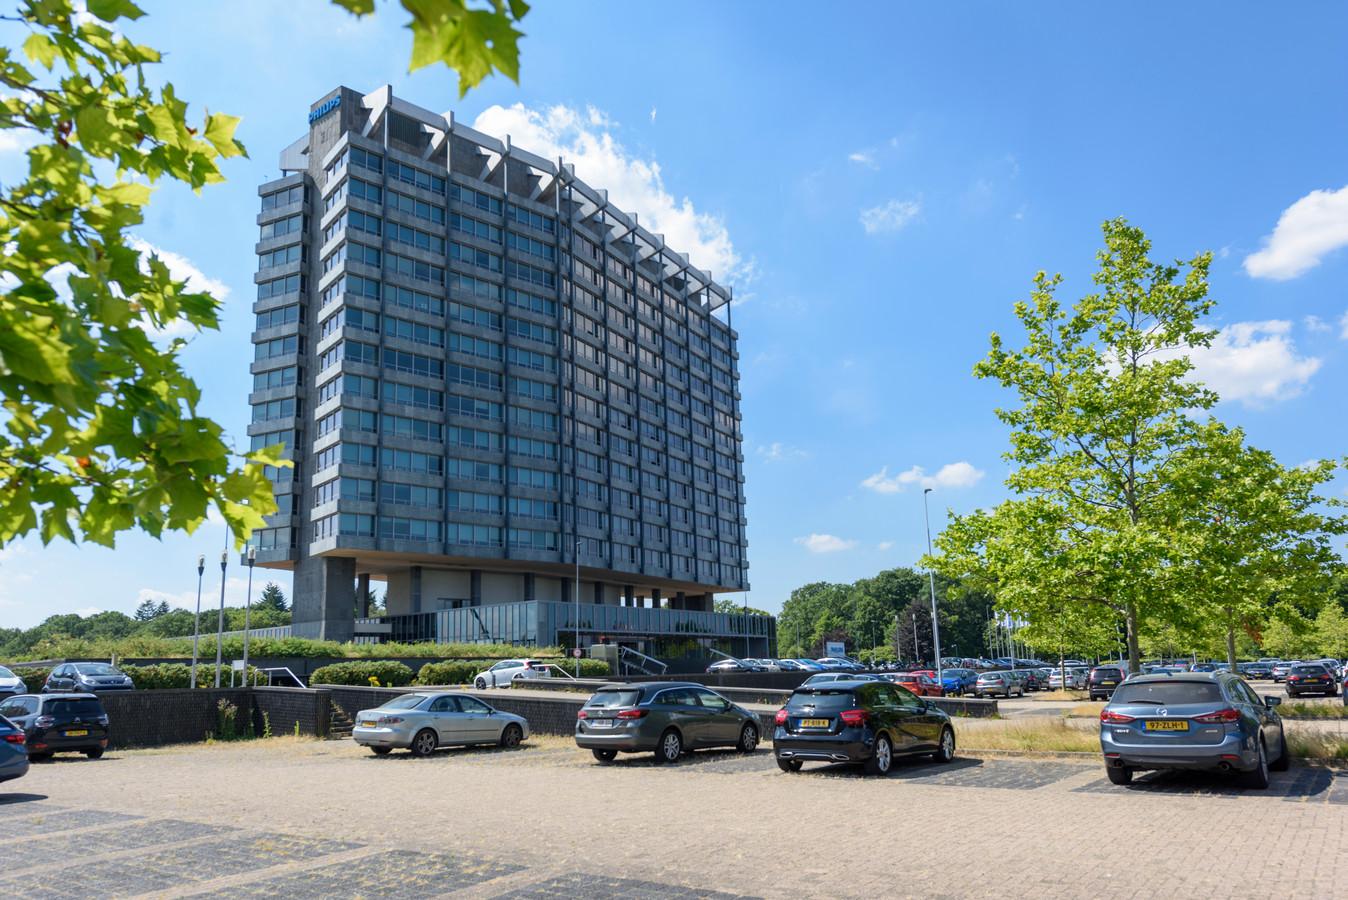 Het hoofdgebouw van Philips Benelux aan de Boschdijk.